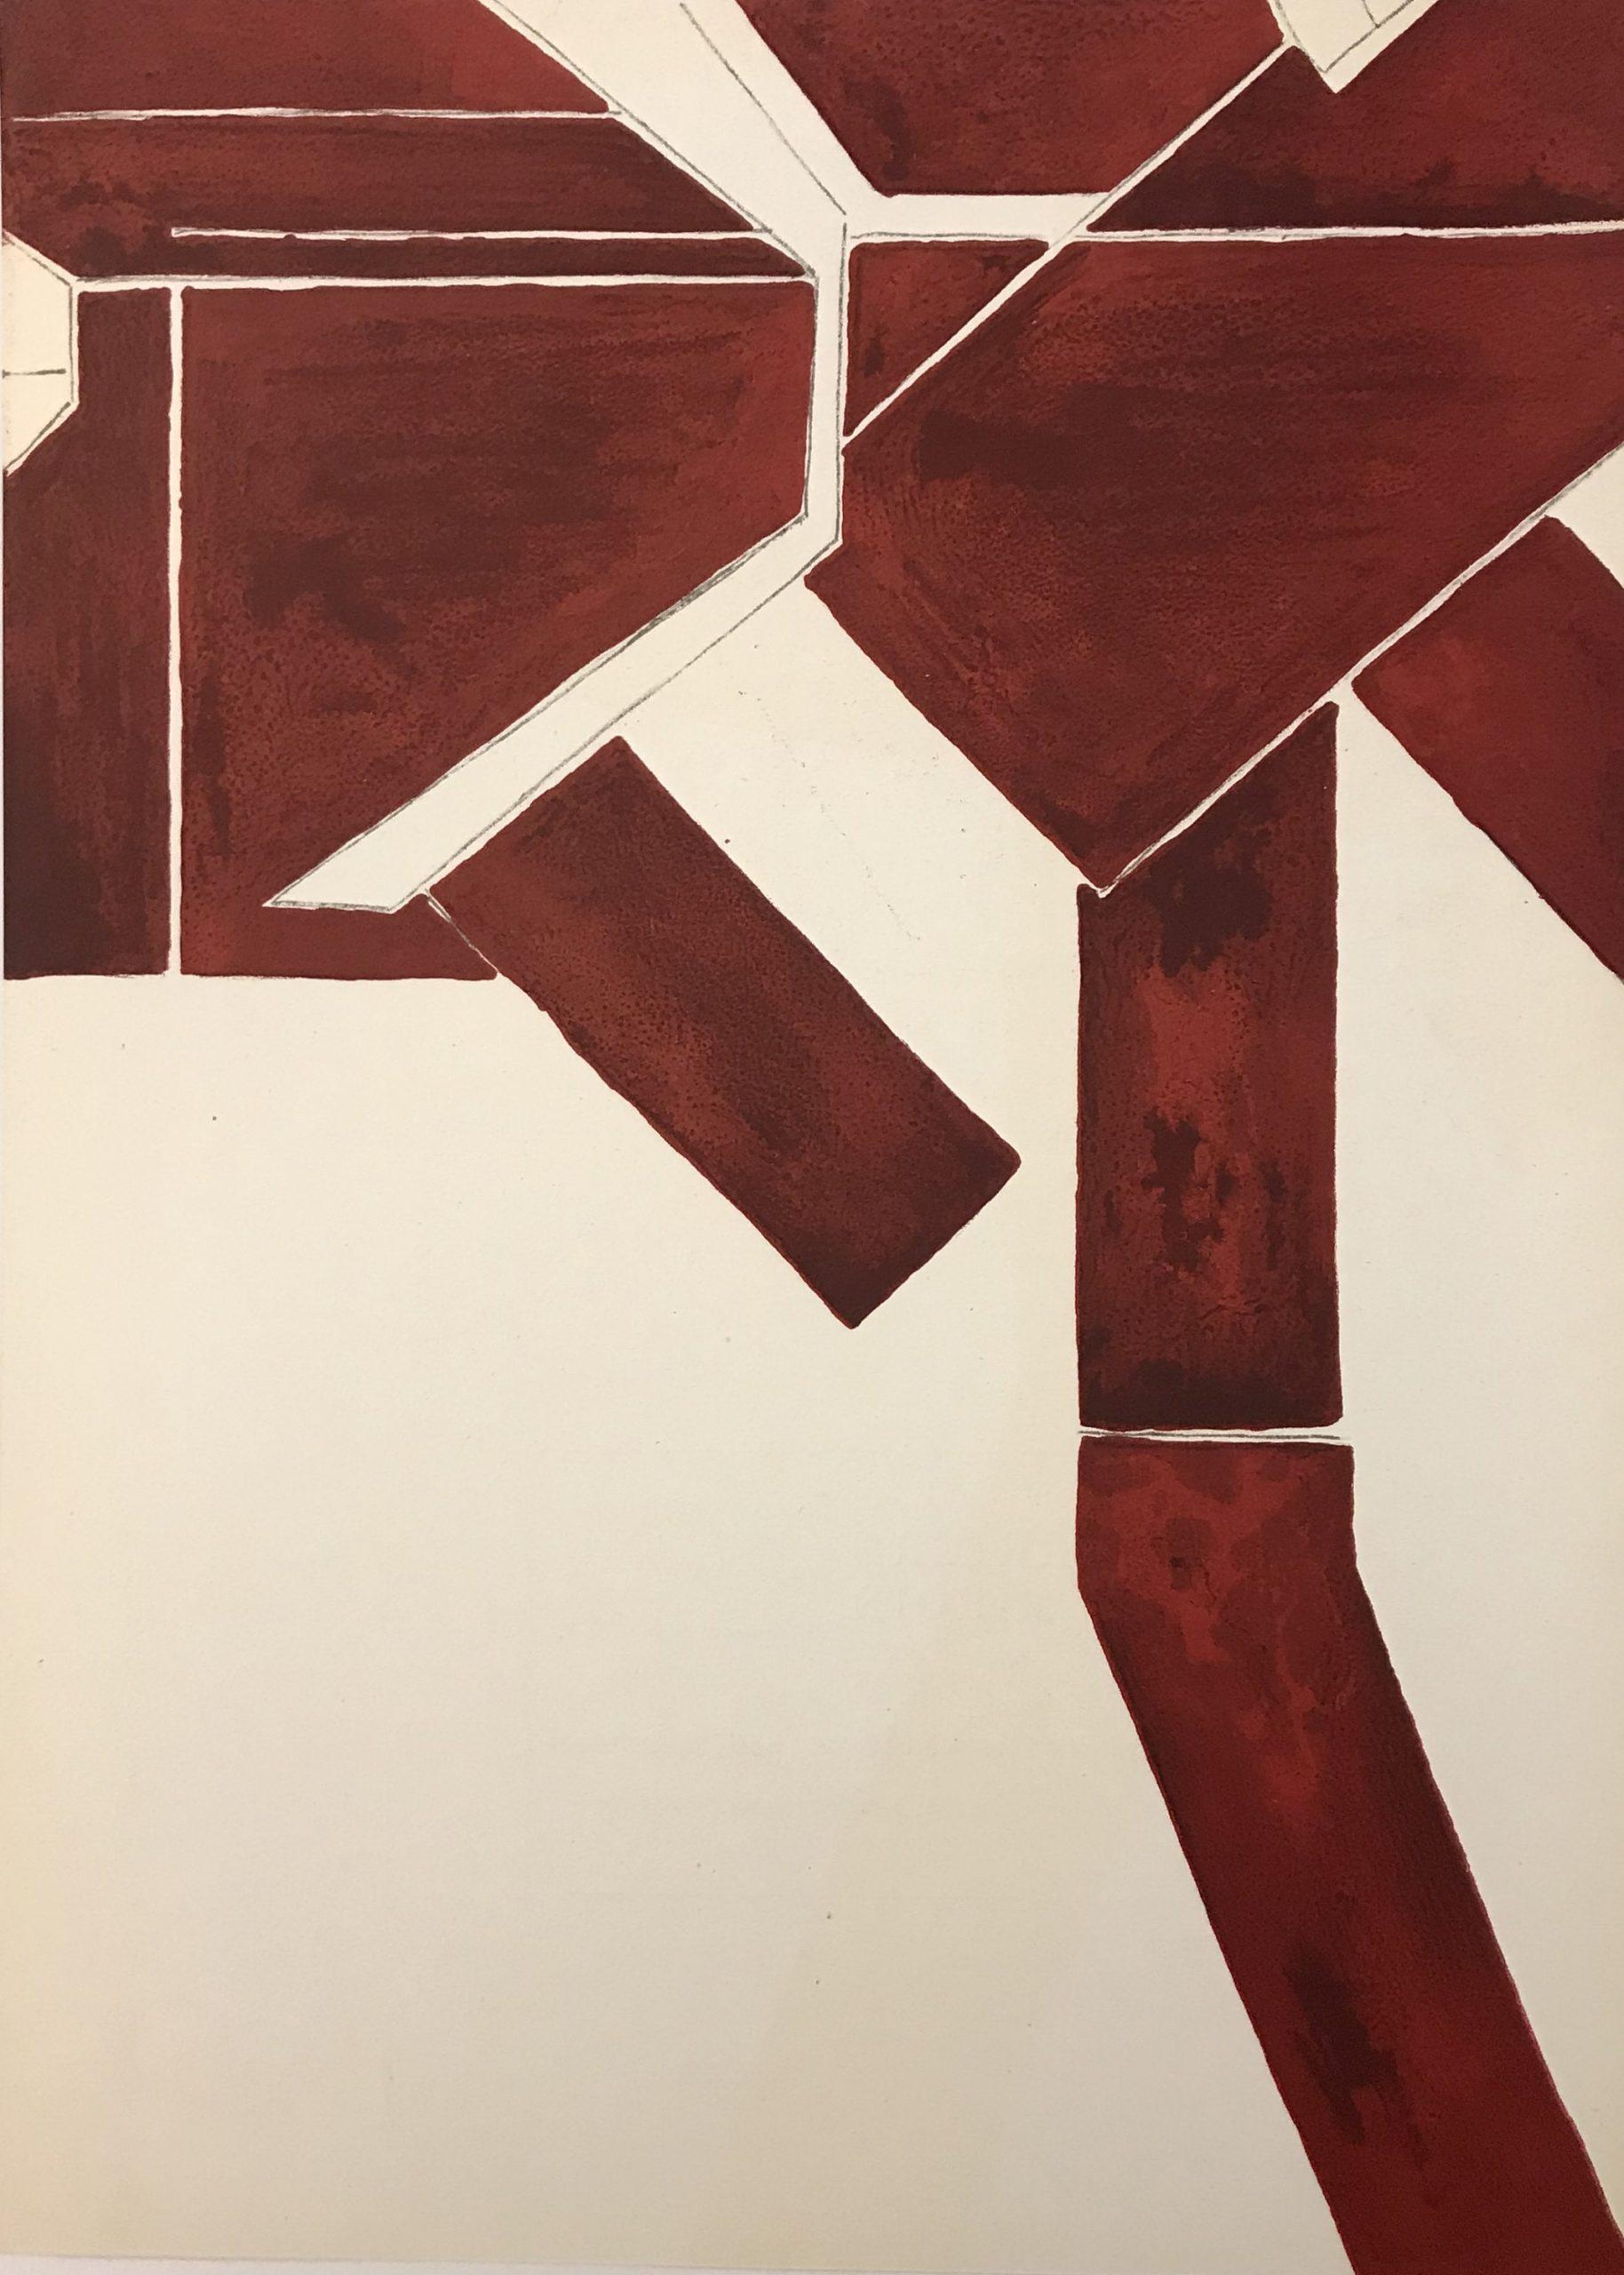 Pablo Palazuelo, Original Lithograph, DM0273, Derriere le Miroir 1955